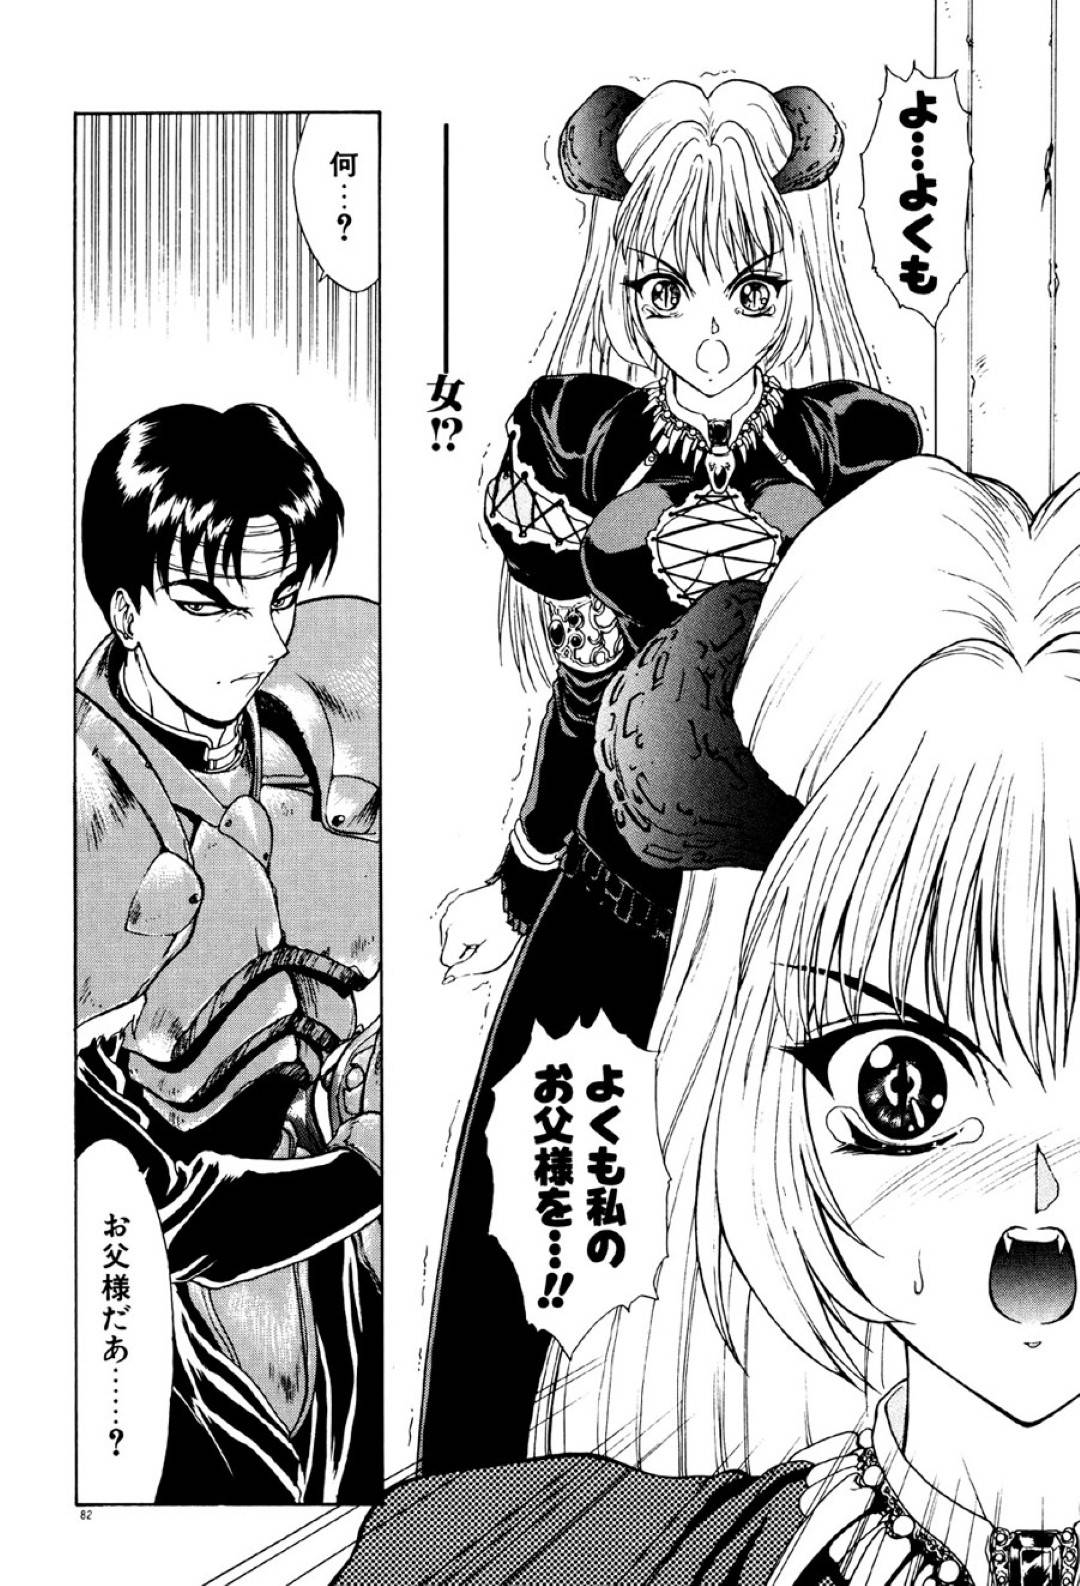 【エロ漫画】父が殺された敵討ちに来た小娘は返り討ちにされ、手足拘束されて男の女として生きていくことになる